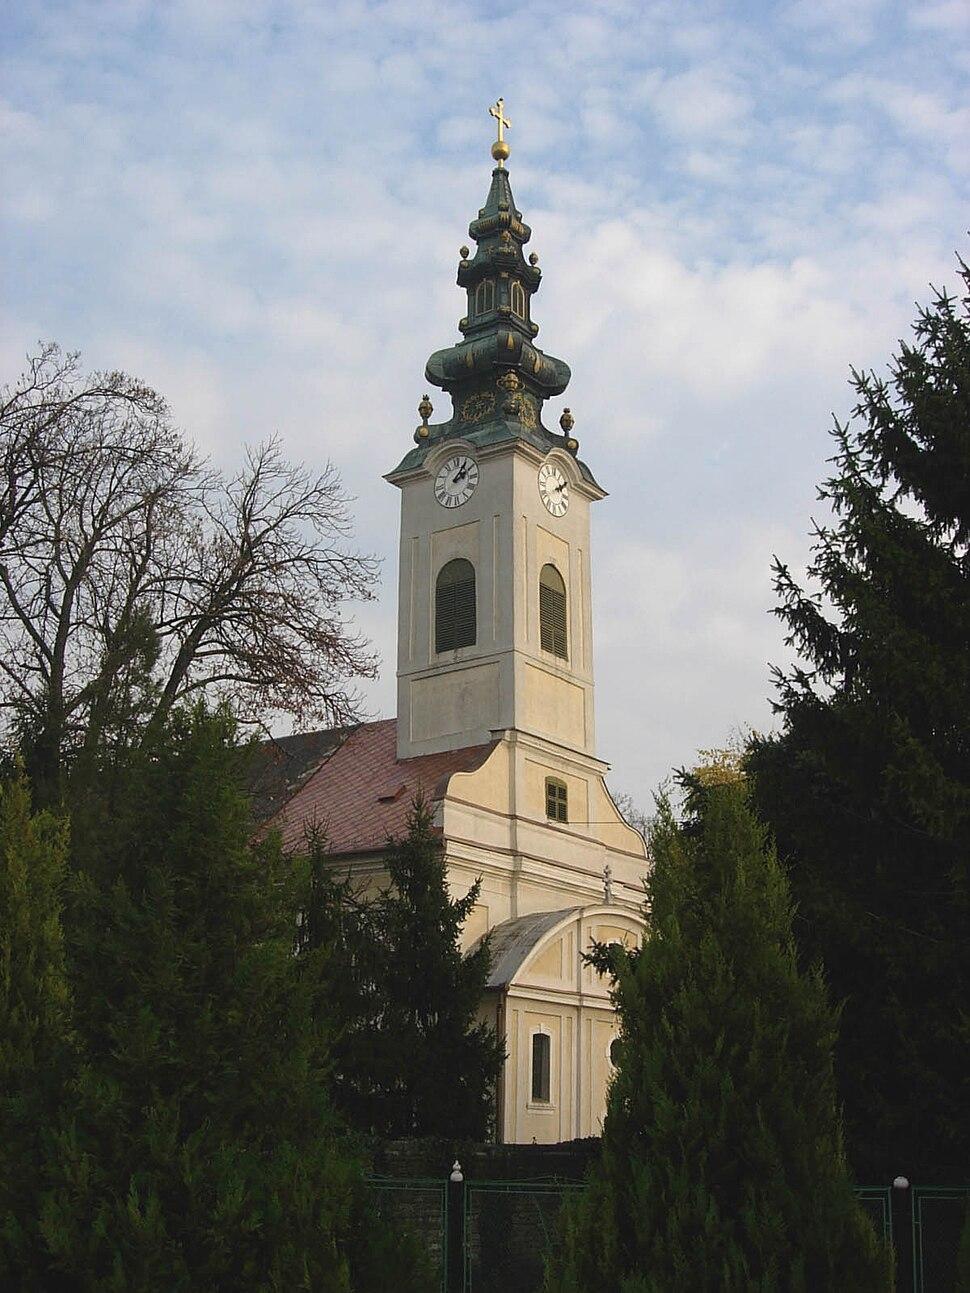 Ruski Krstur, Uniate church